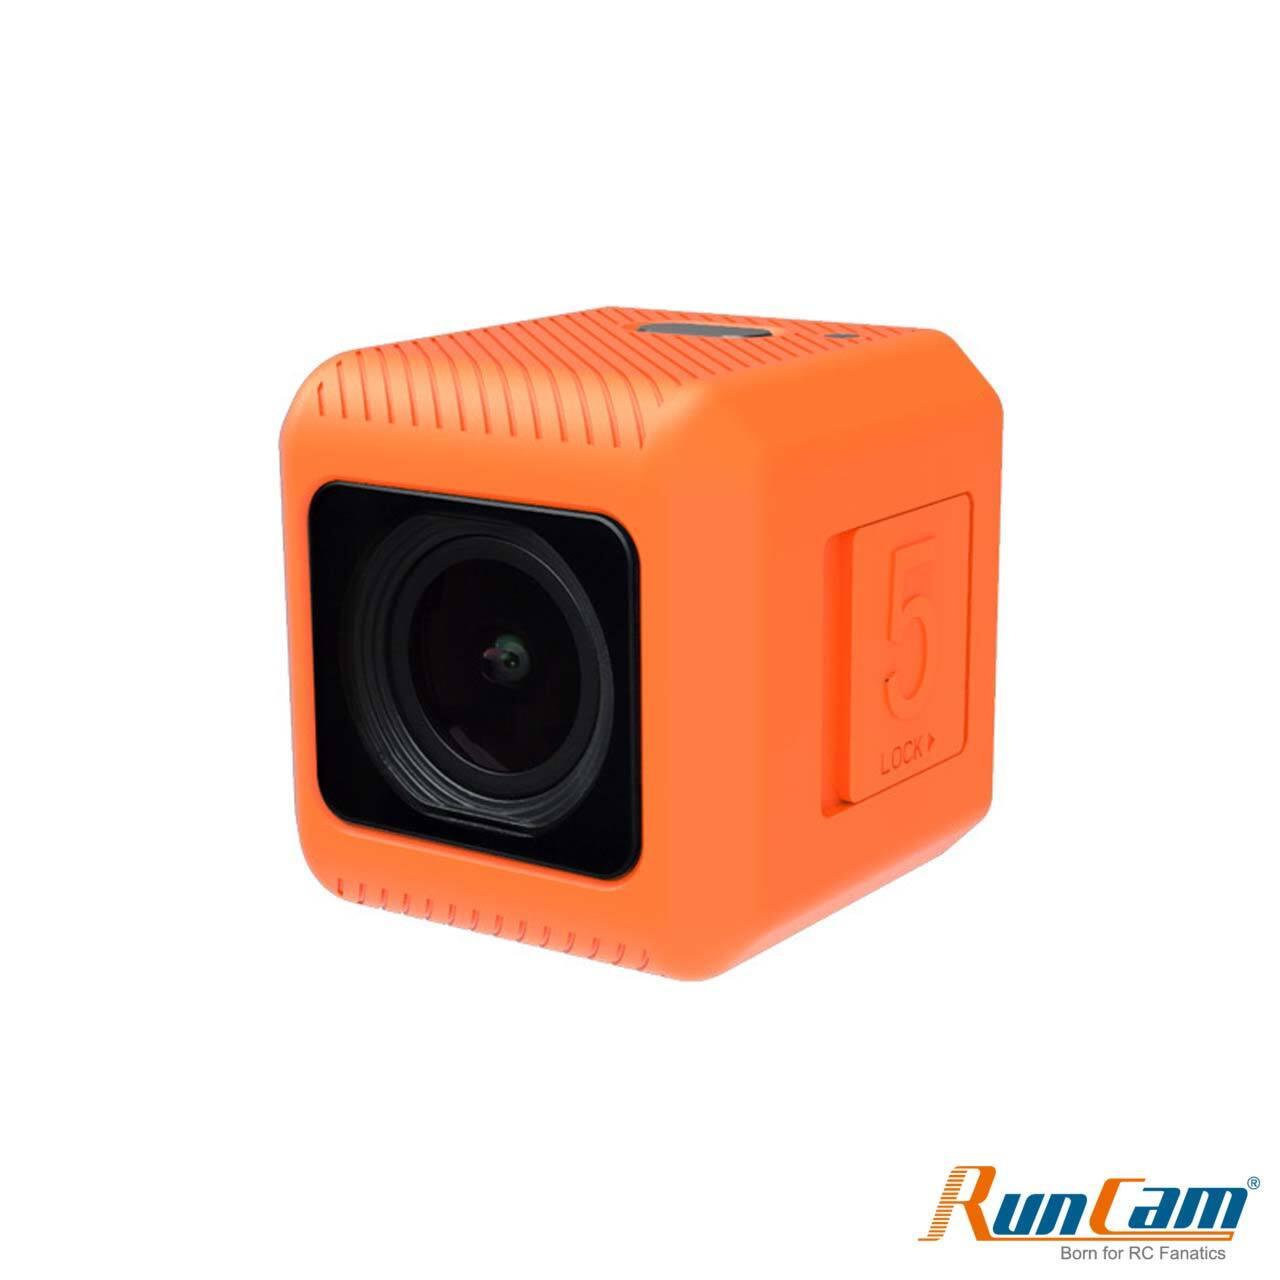 RunCam 5 Orange (4K Action Camera)